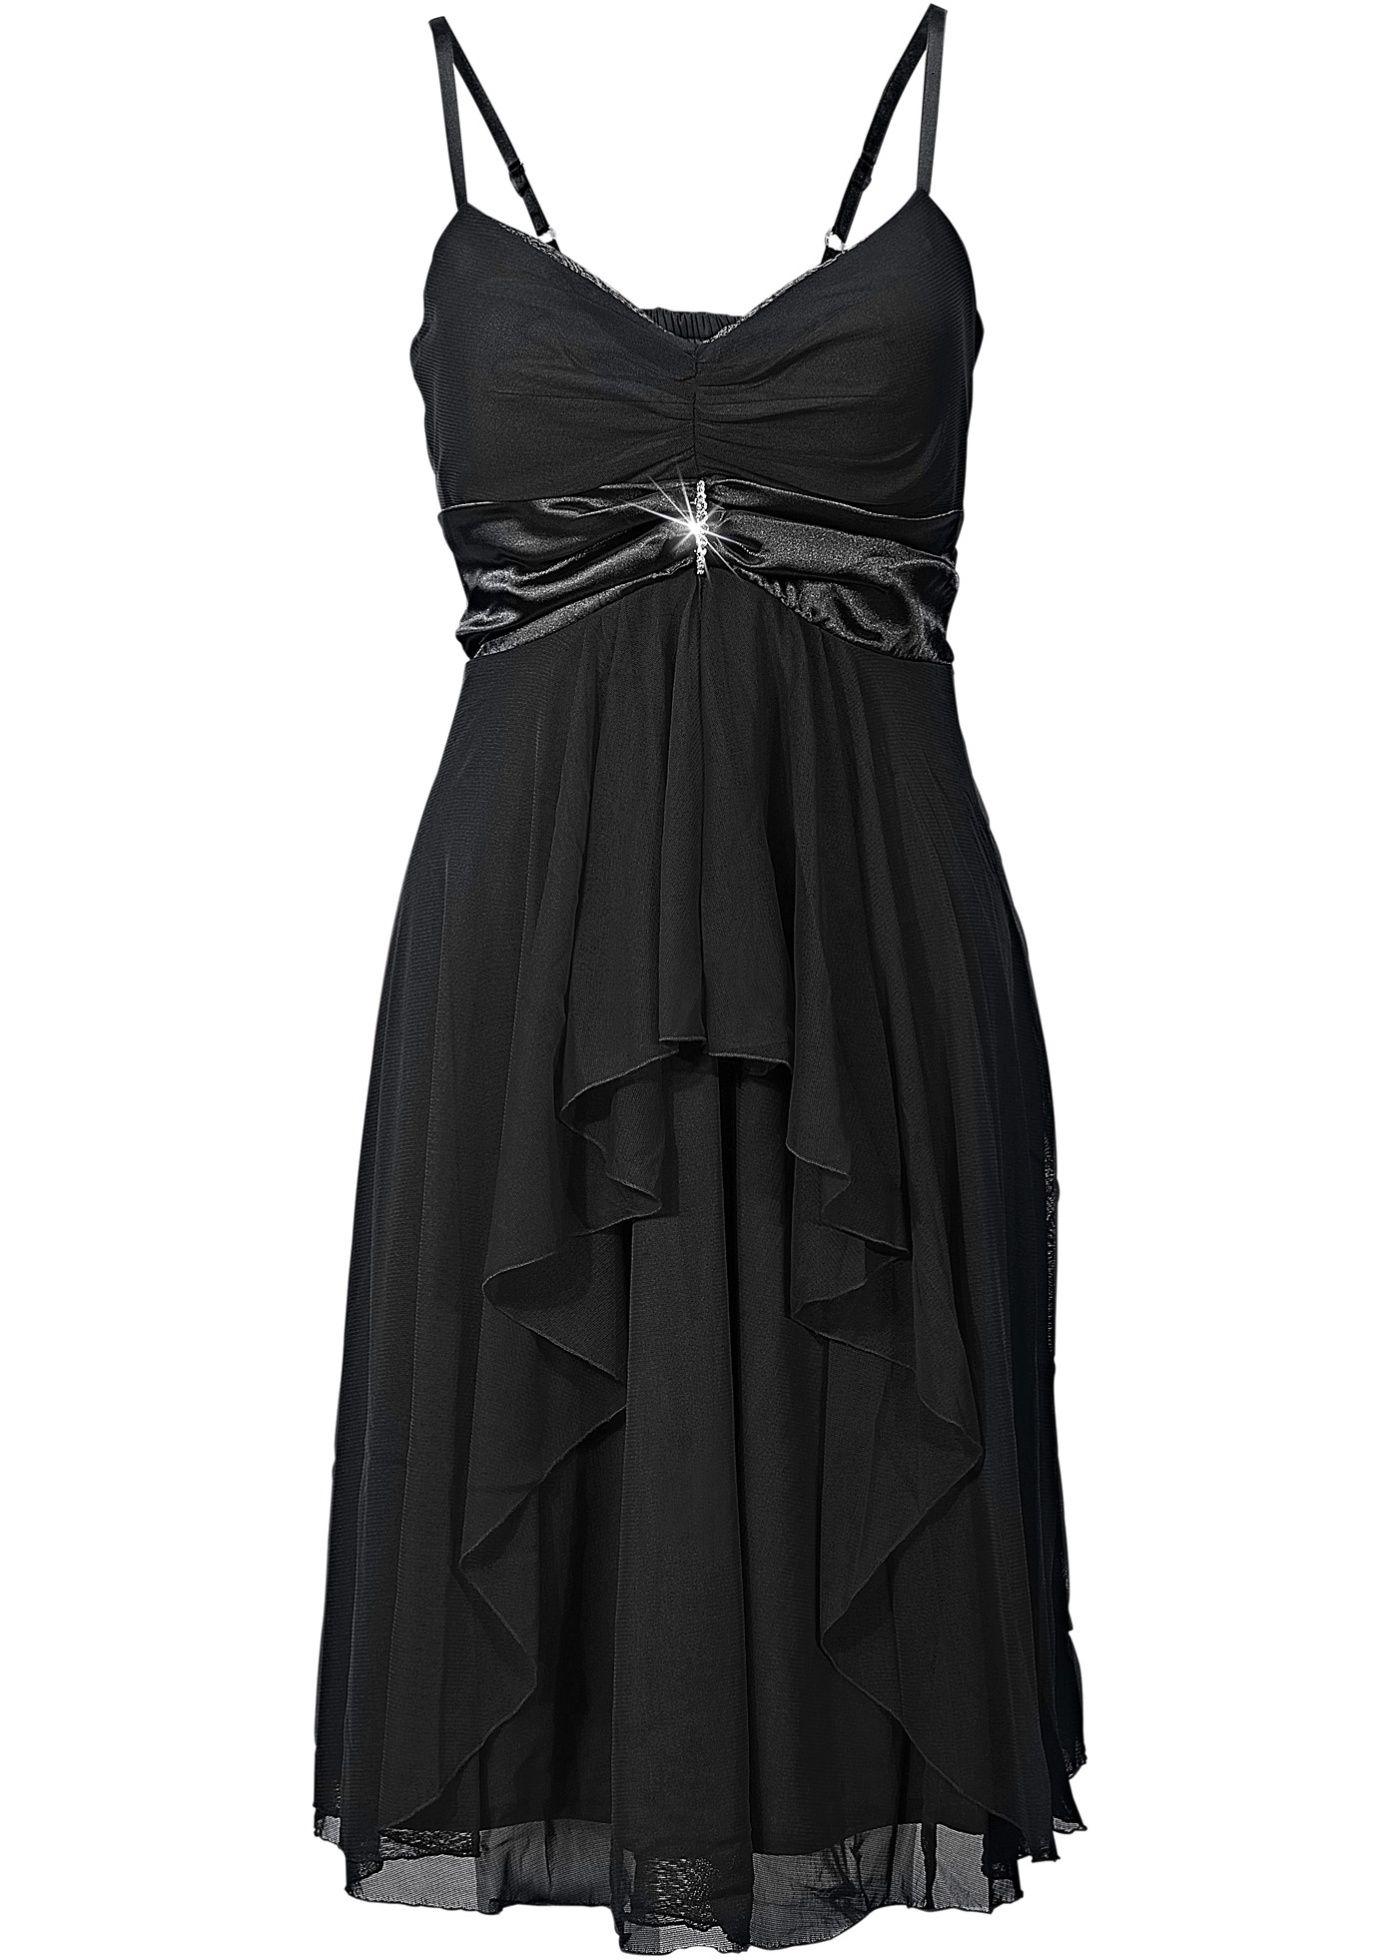 Abendkleid   Elegante abendkleider, Abendkleid und Kleider